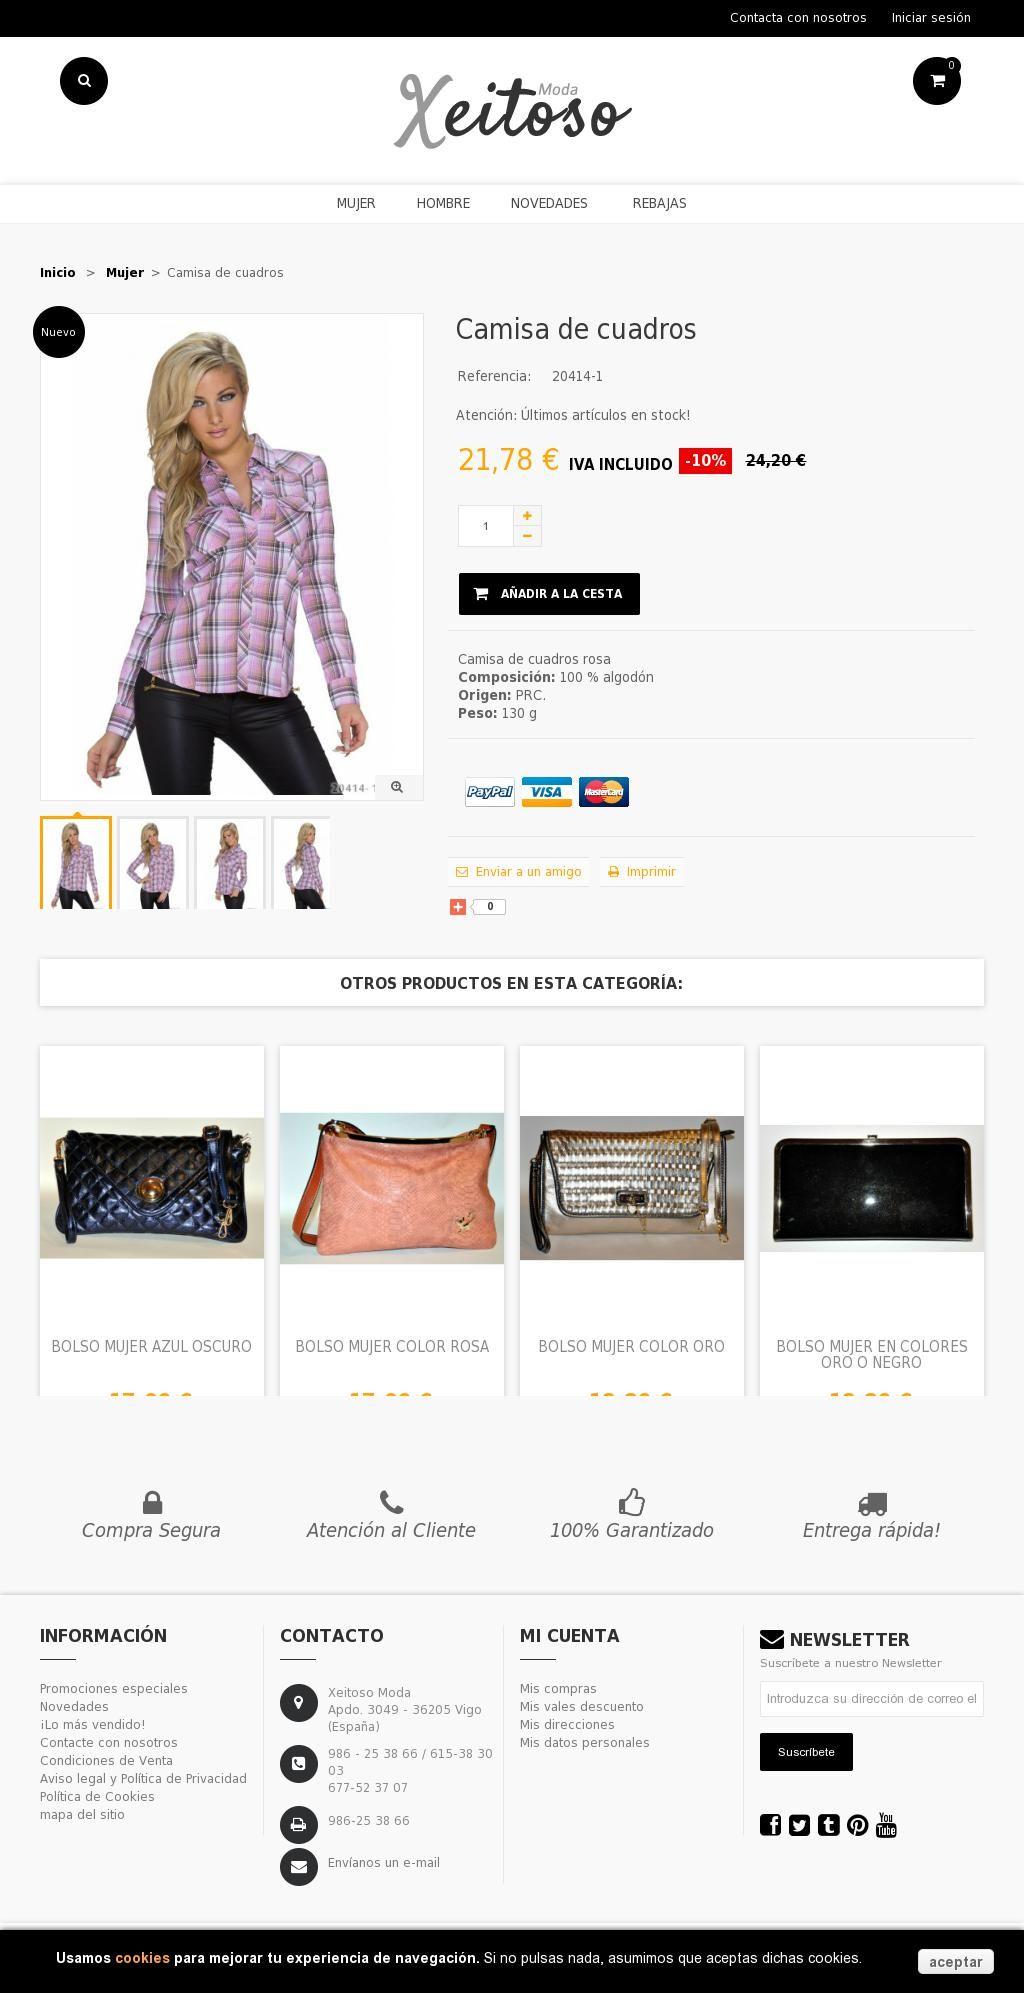 Camisas de cuadros, moda mujer, compras online en España